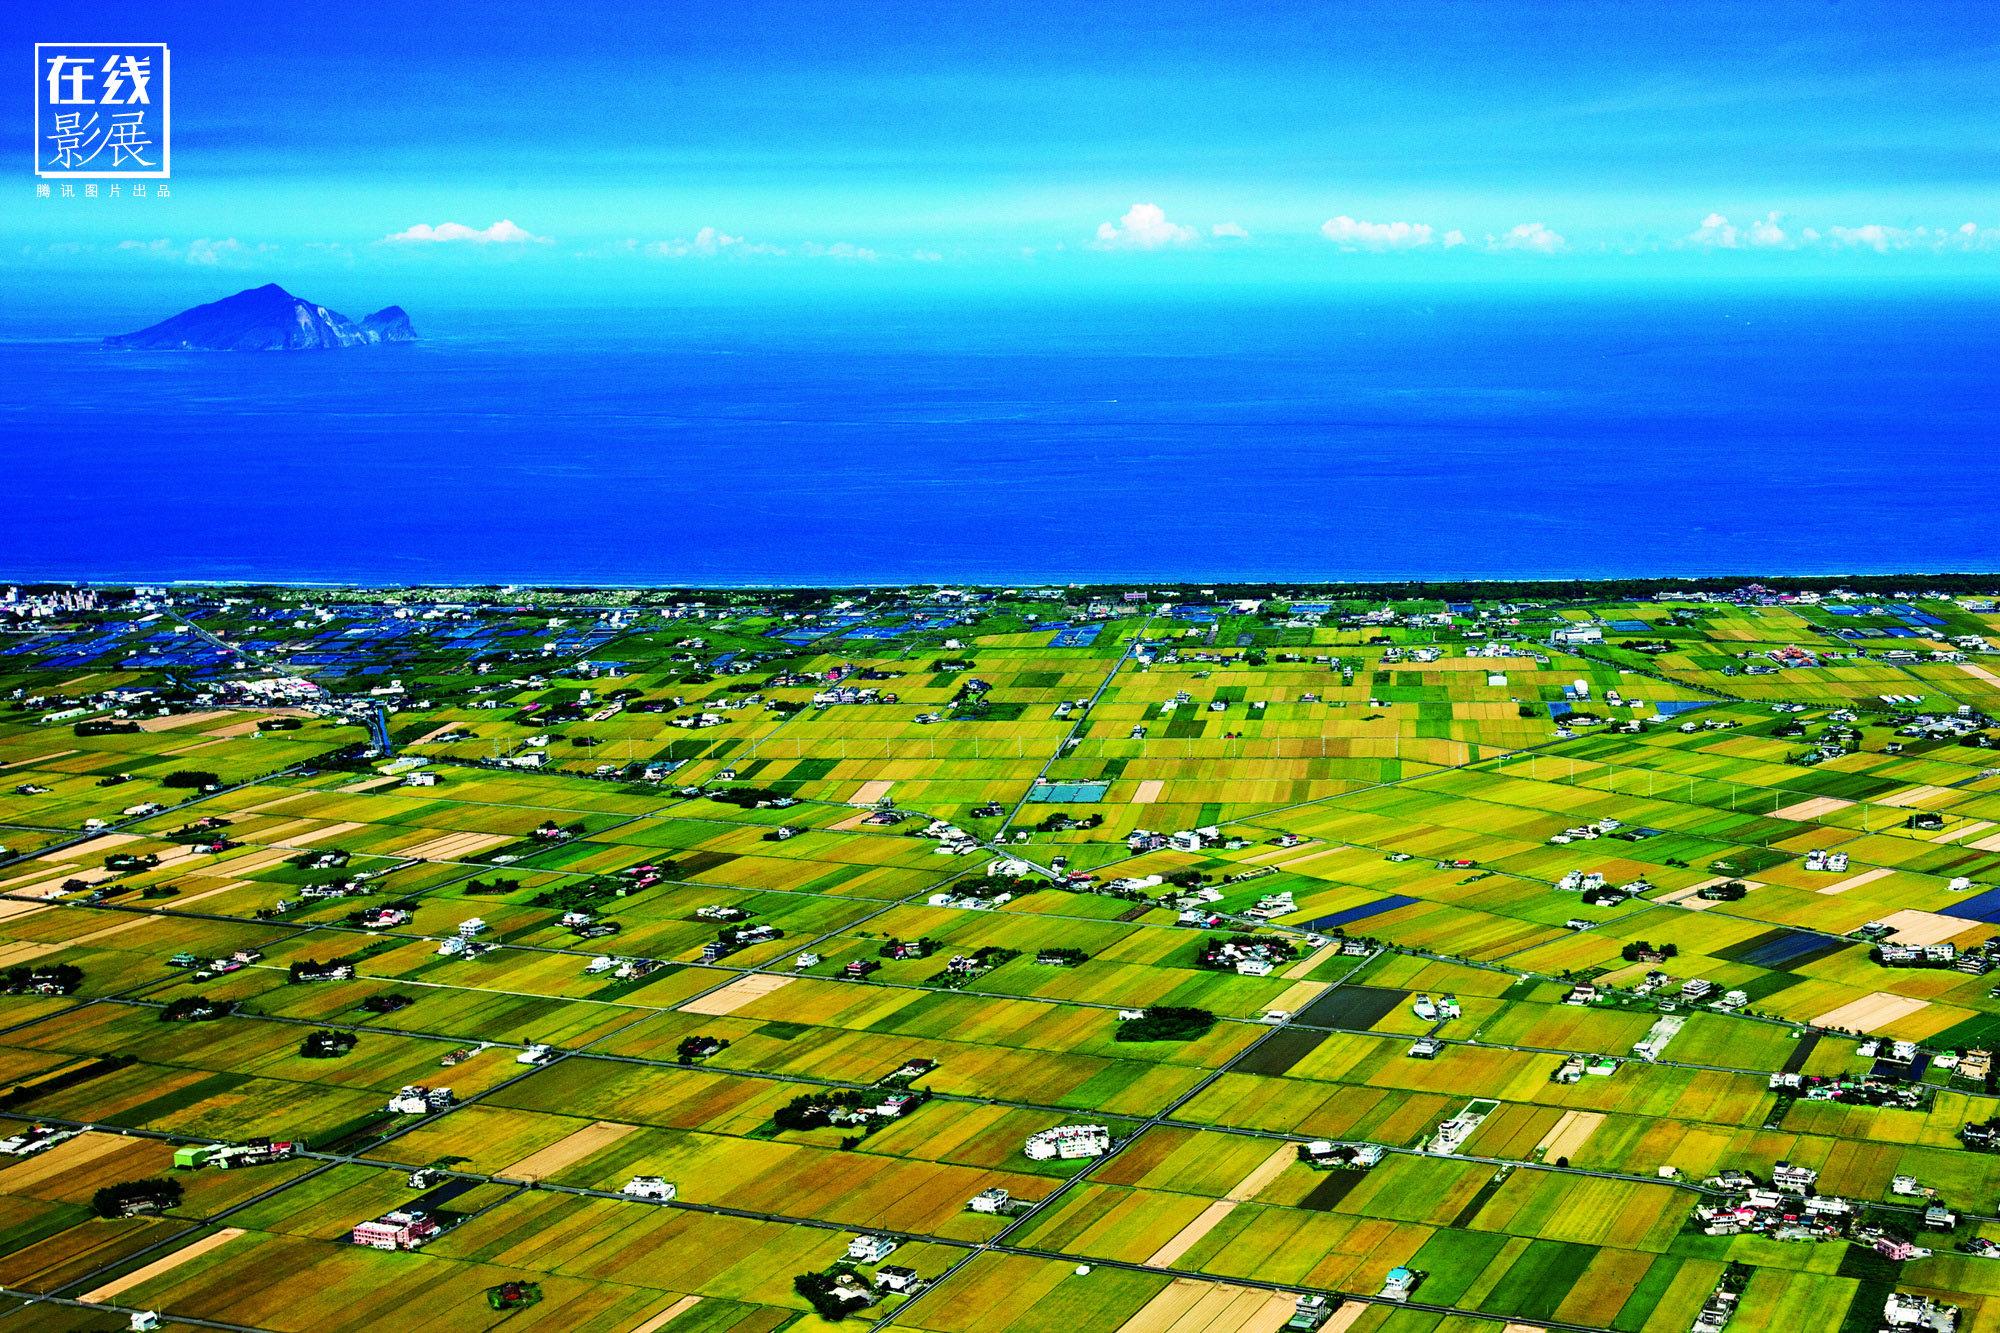 【在线影展】航拍,看见另一个台湾